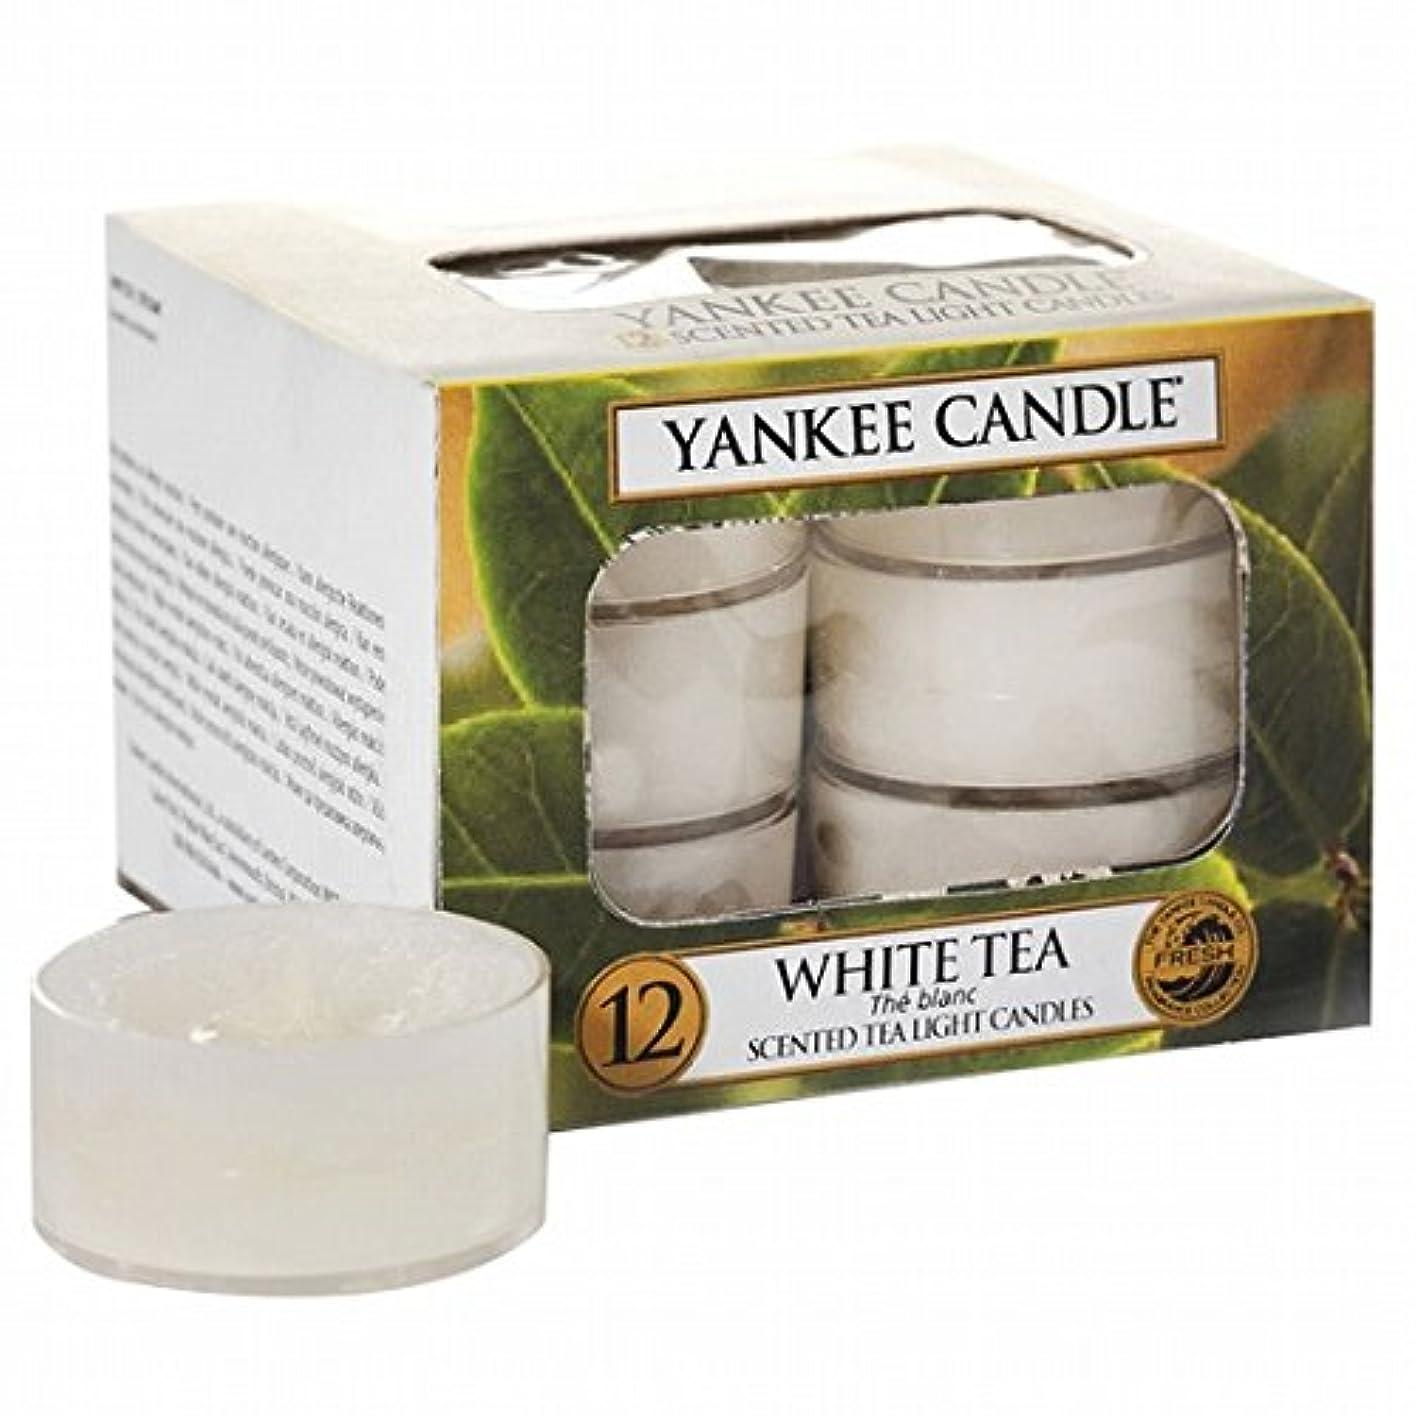 交換脚本家ごめんなさいヤンキーキャンドル(YANKEE CANDLE) YANKEE CANDLE クリアカップティーライト12個入り 「ホワイトティー」